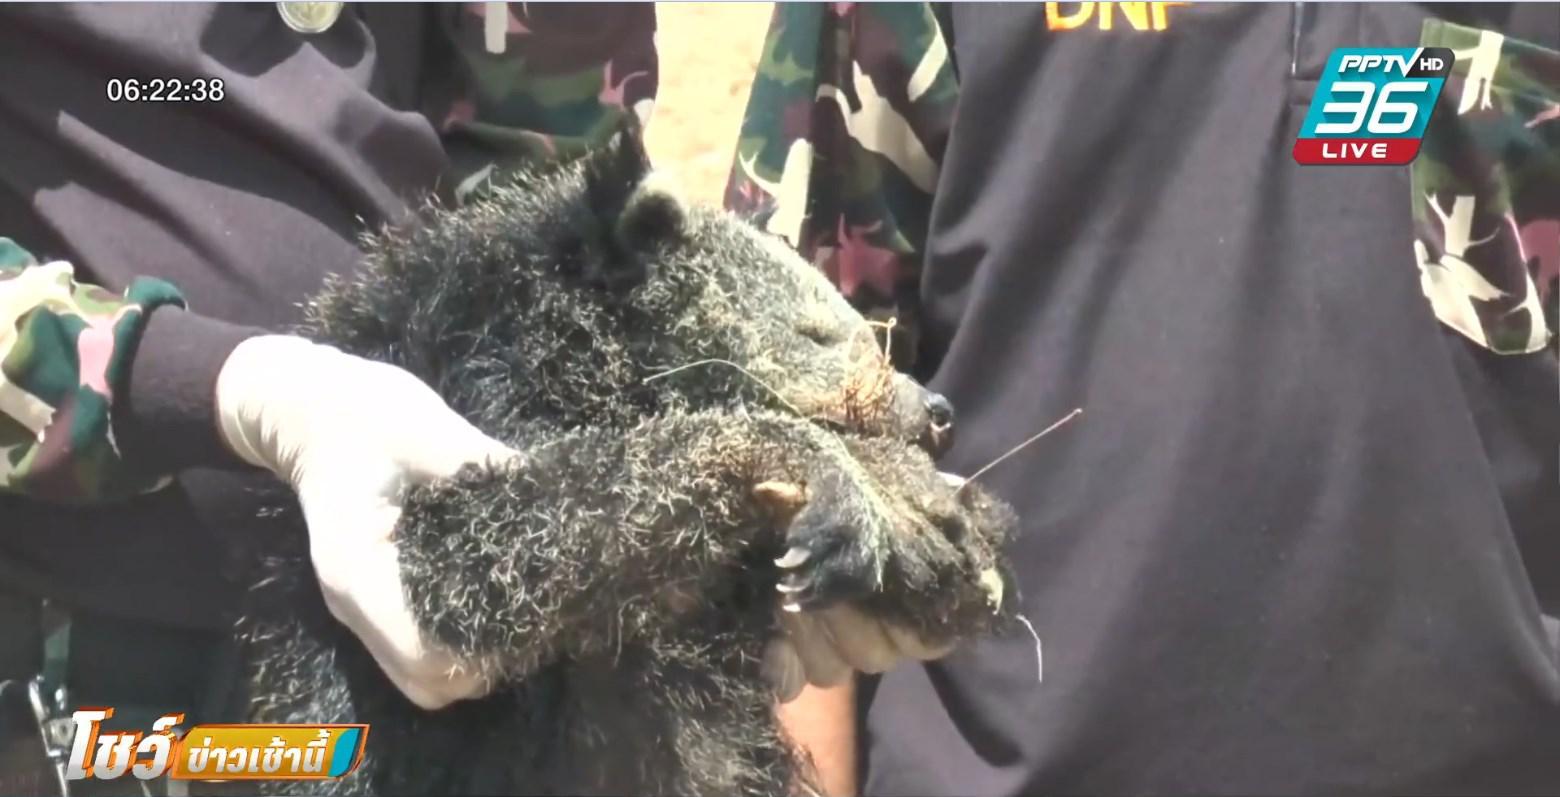 หมีขอหนีหมา ปีนขึ้นเสาไฟฟ้า ถูกไฟช็อตตาย